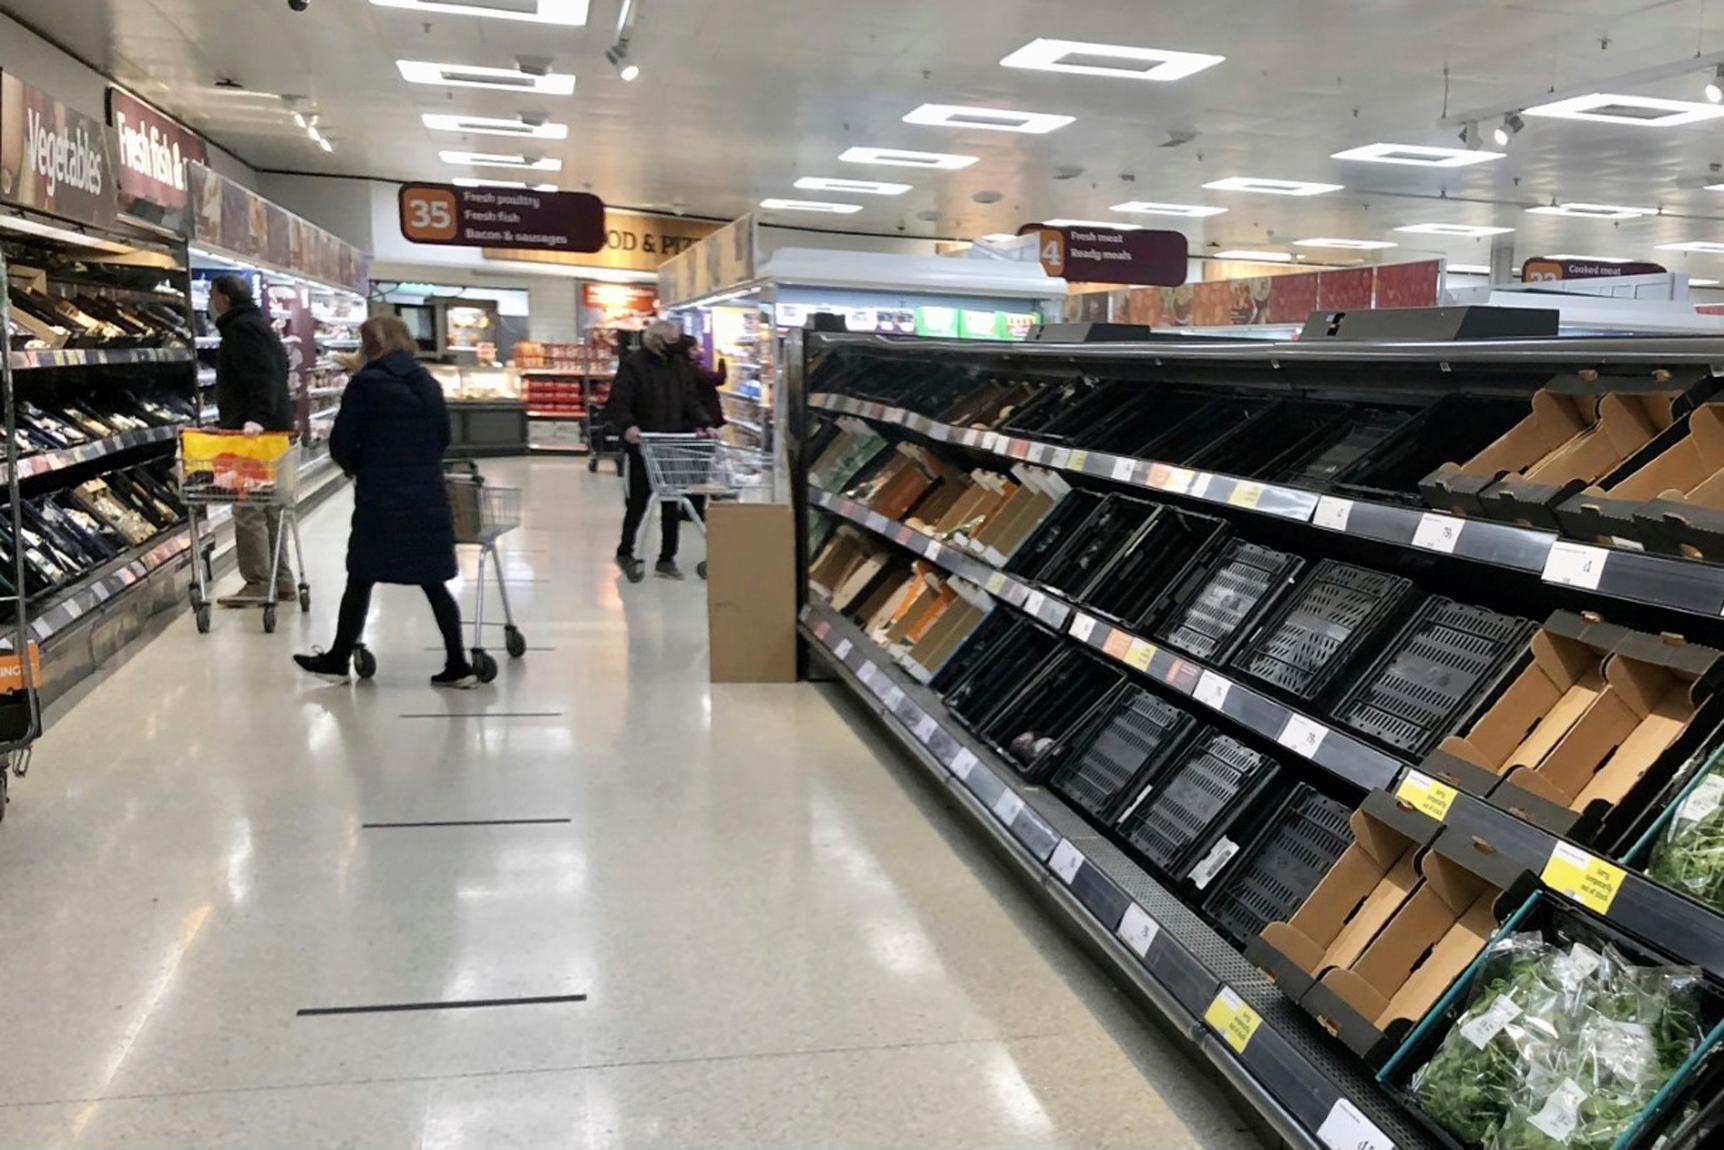 Många hyllor gapar tomma i en livsmedelsbutik i Belfast. Bilden är från den 11 januari.